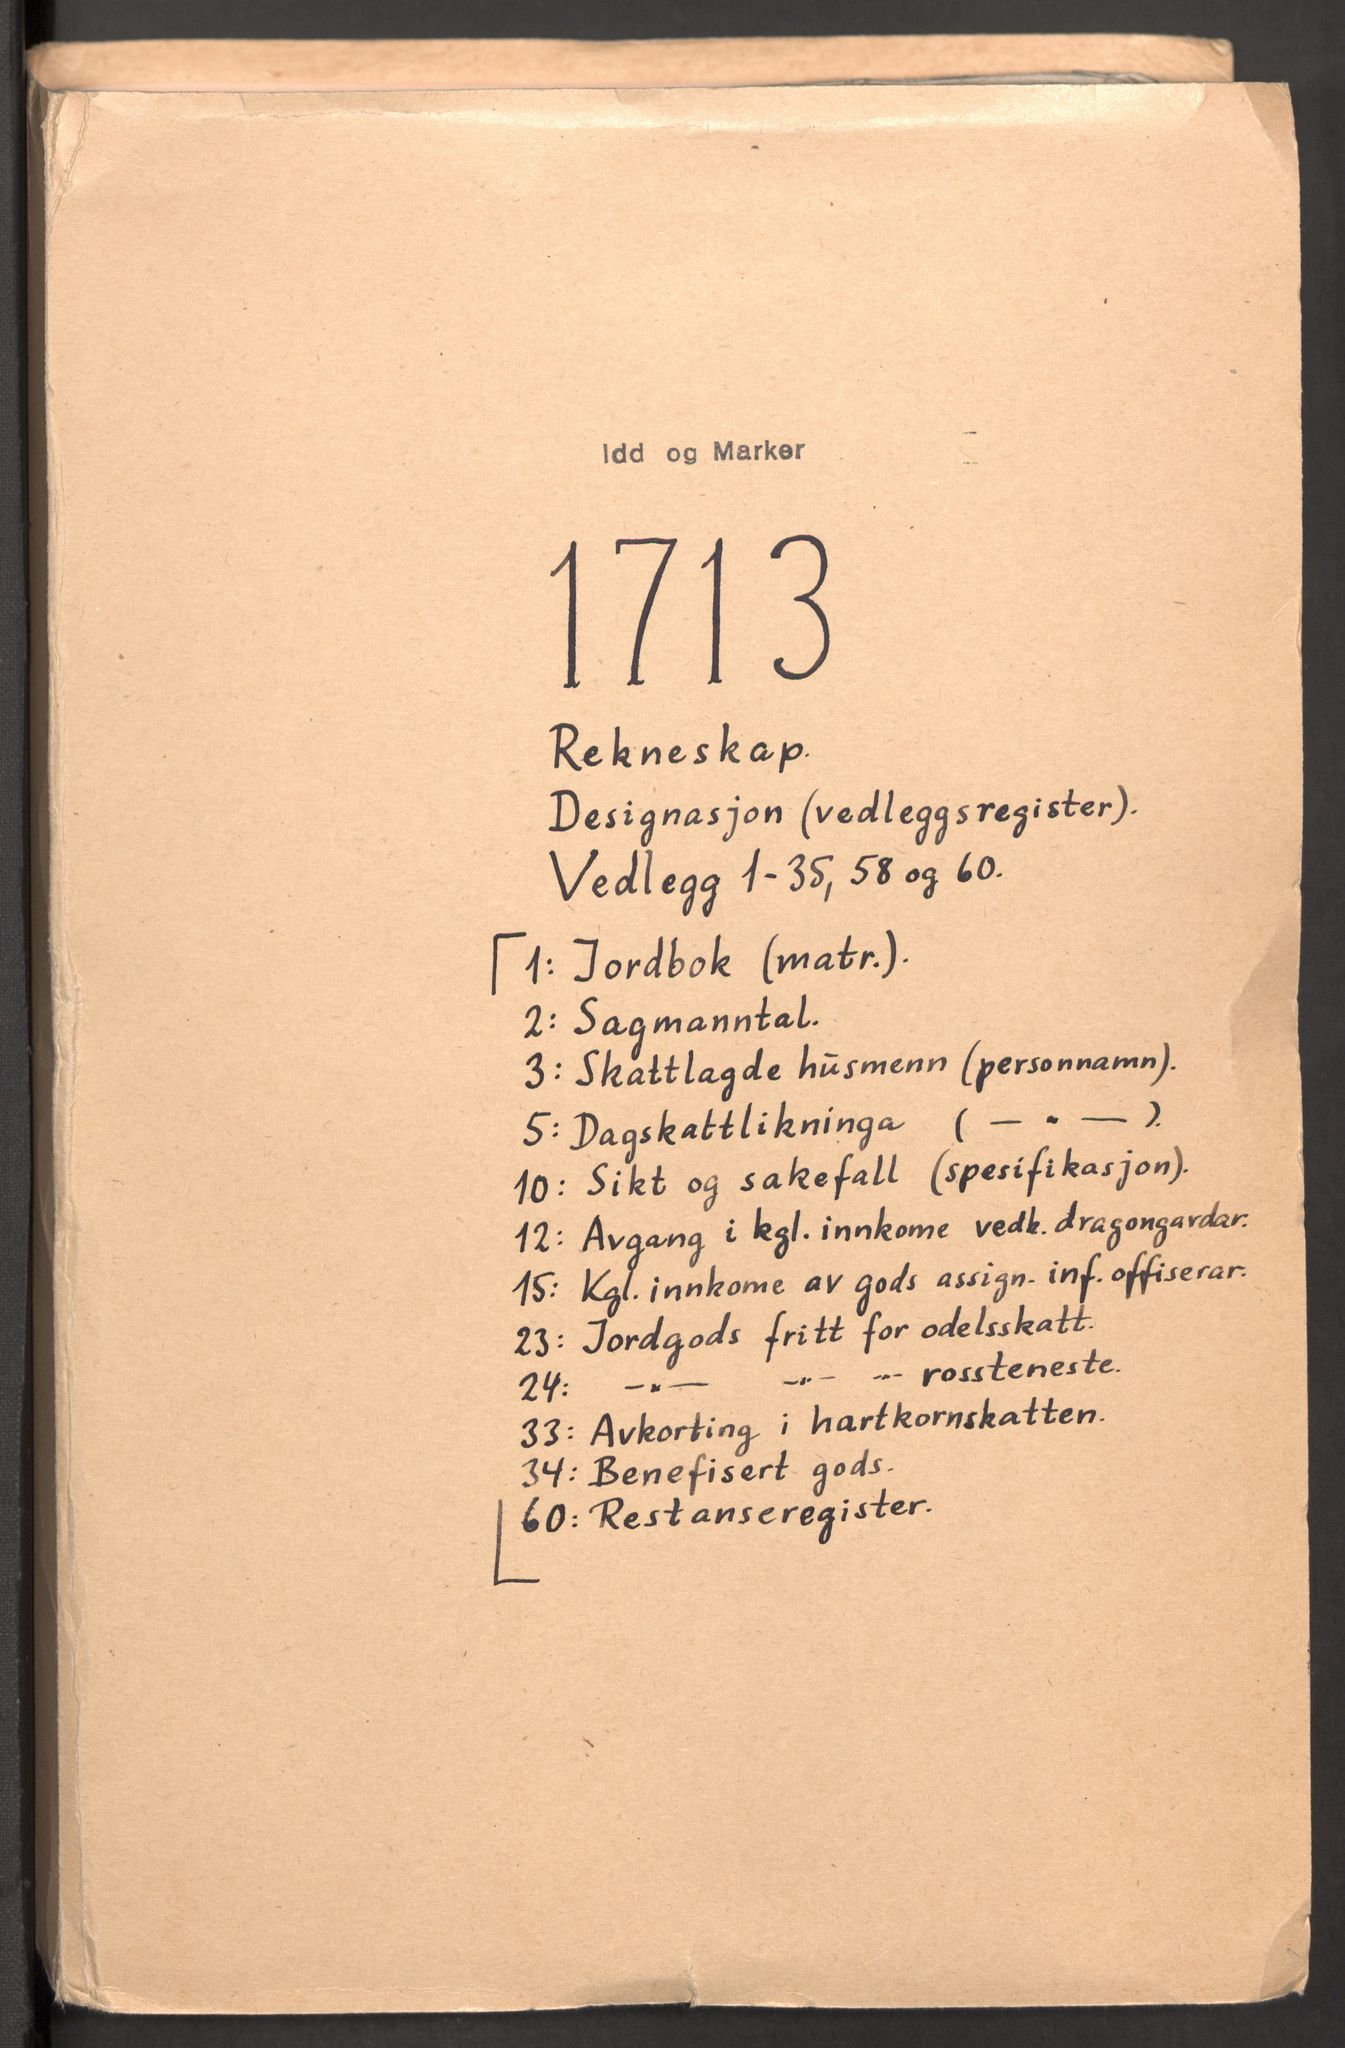 RA, Rentekammeret inntil 1814, Reviderte regnskaper, Fogderegnskap, R01/L0022: Fogderegnskap Idd og Marker, 1713-1714, s. 2